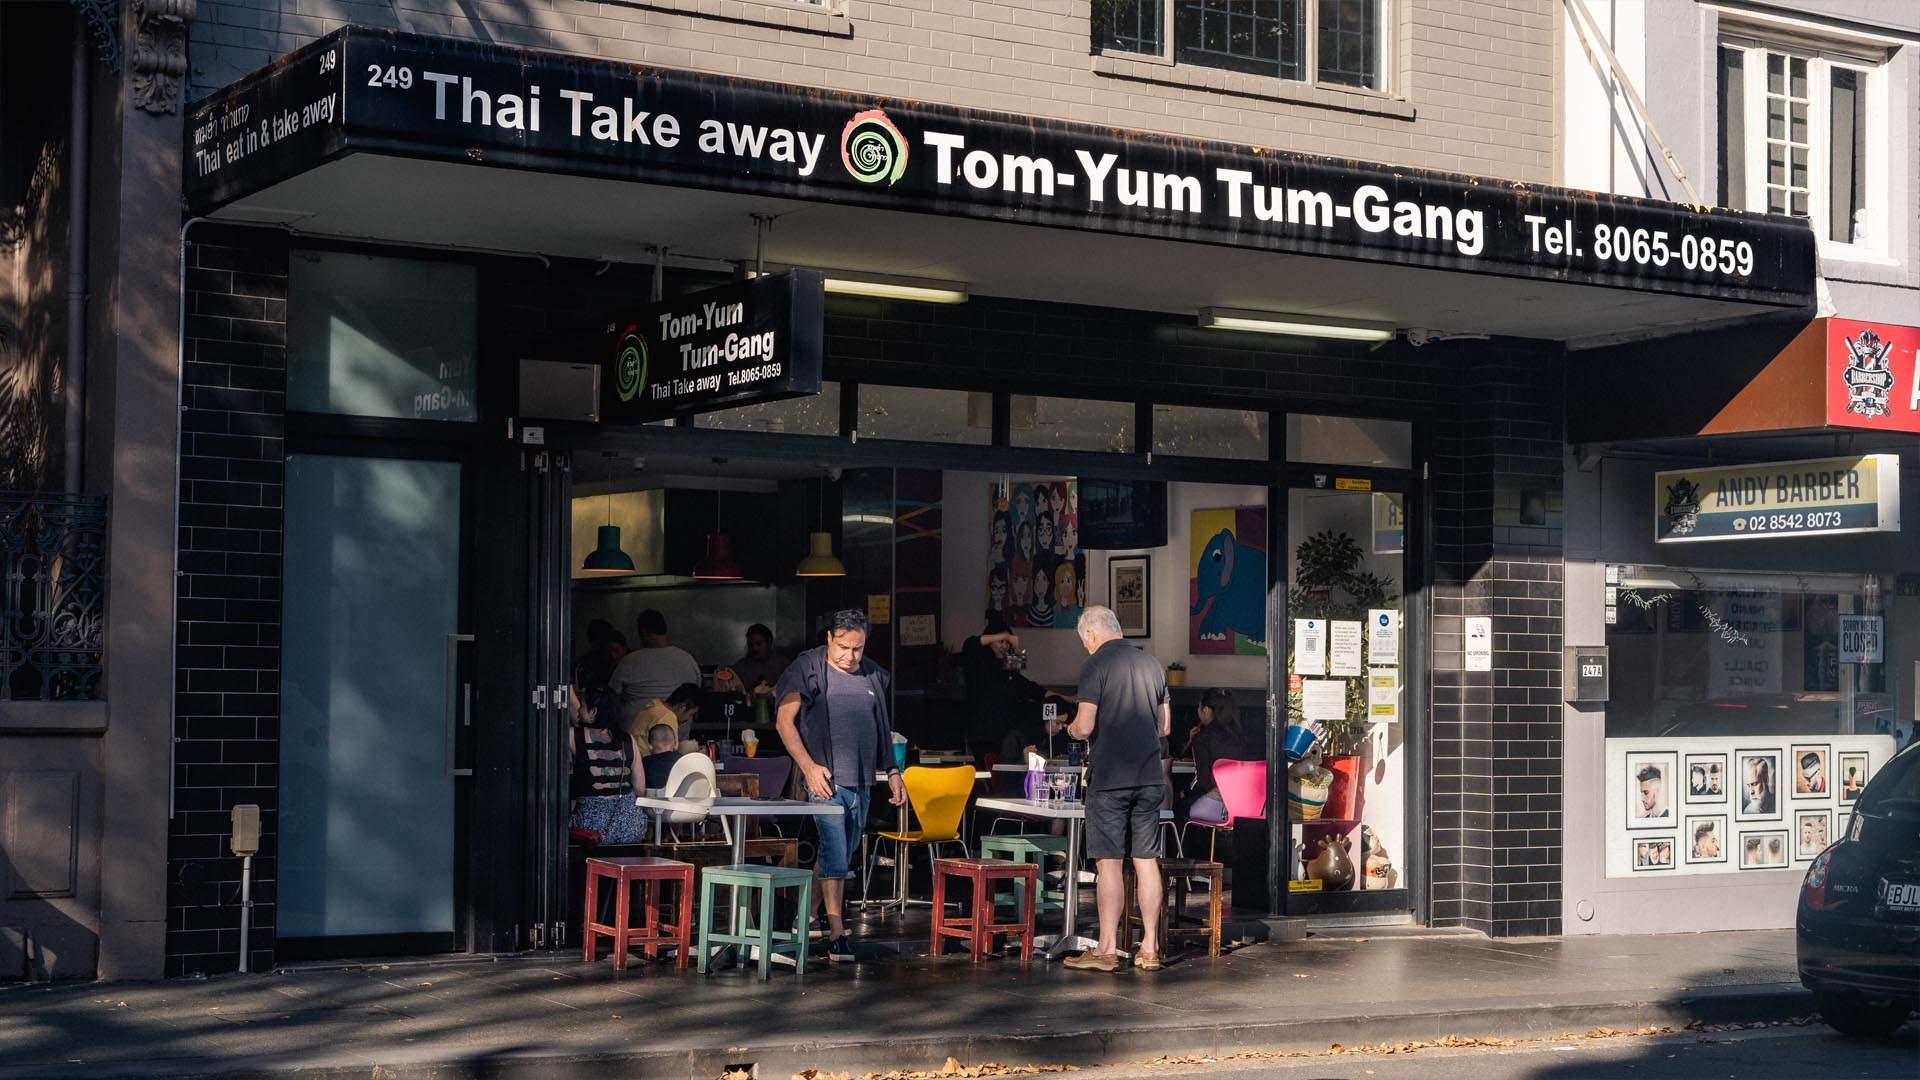 Tom-Yum Tum-Gang